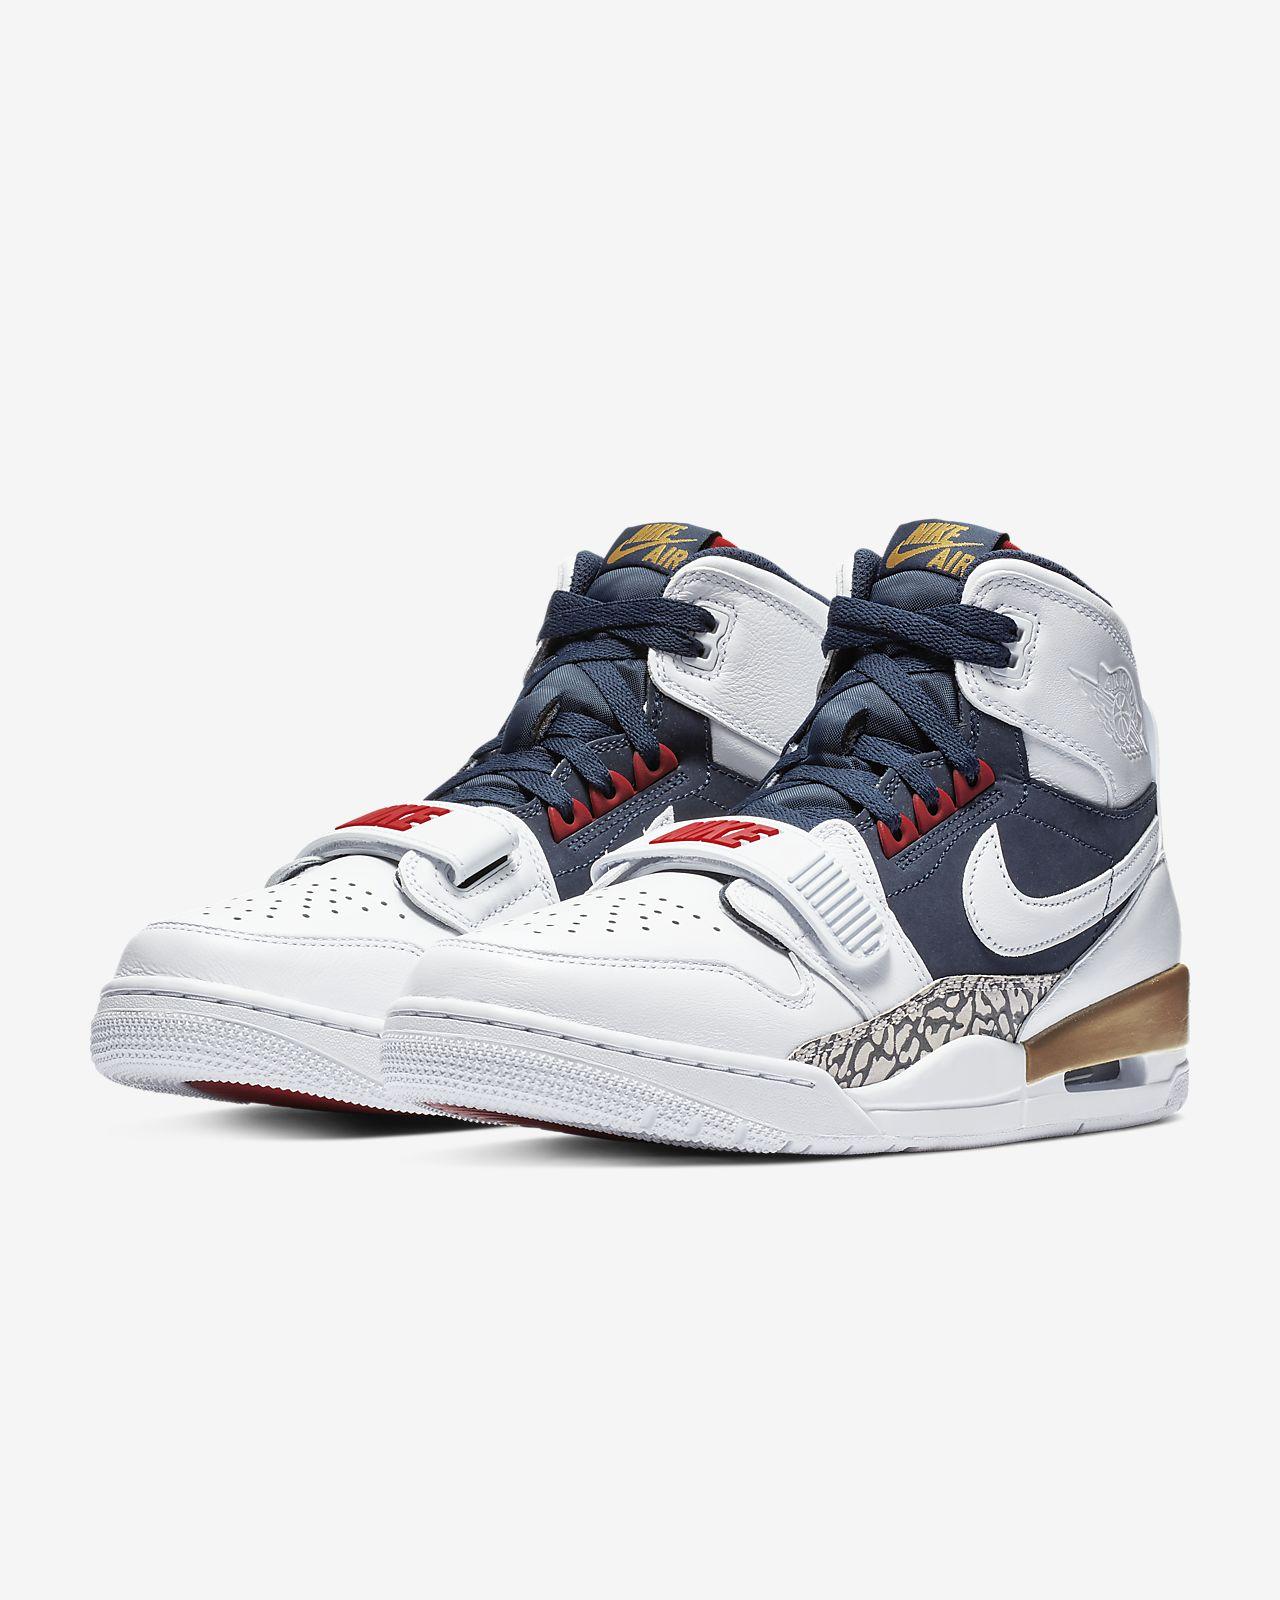 2b29d548330e79 Air Jordan Legacy 312 Men s Shoe. Nike.com GB